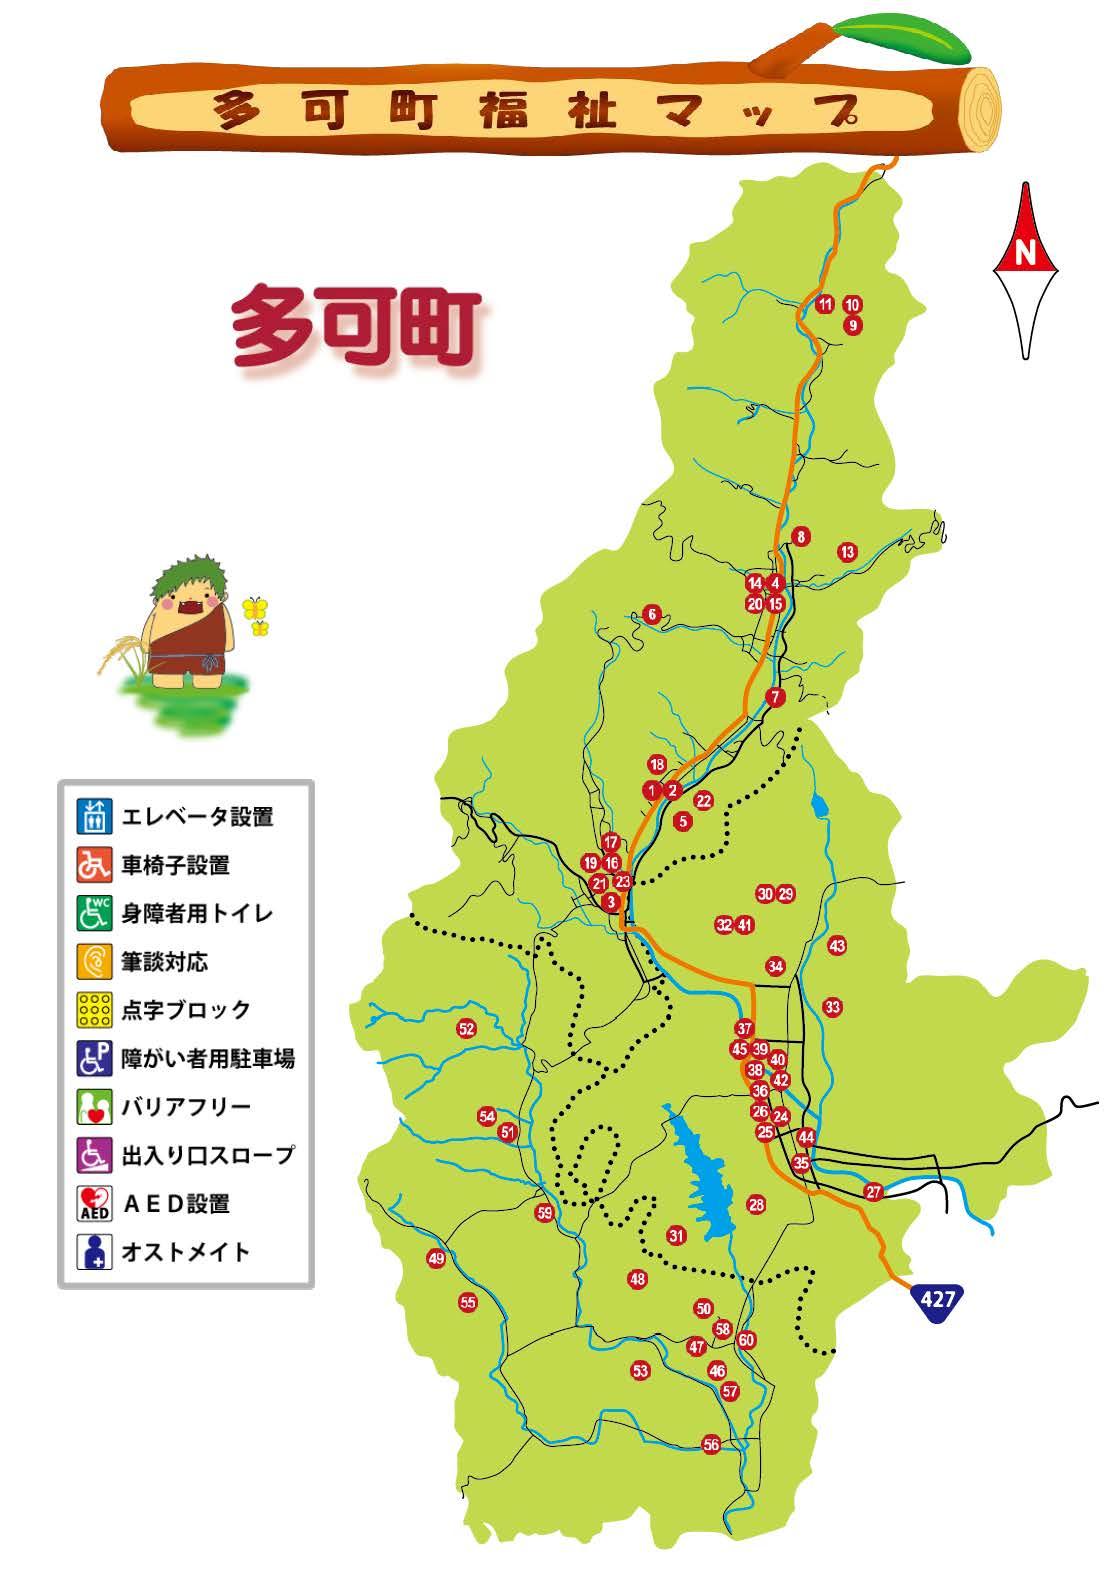 多可町福祉マップ   兵庫県多可町ホームページ